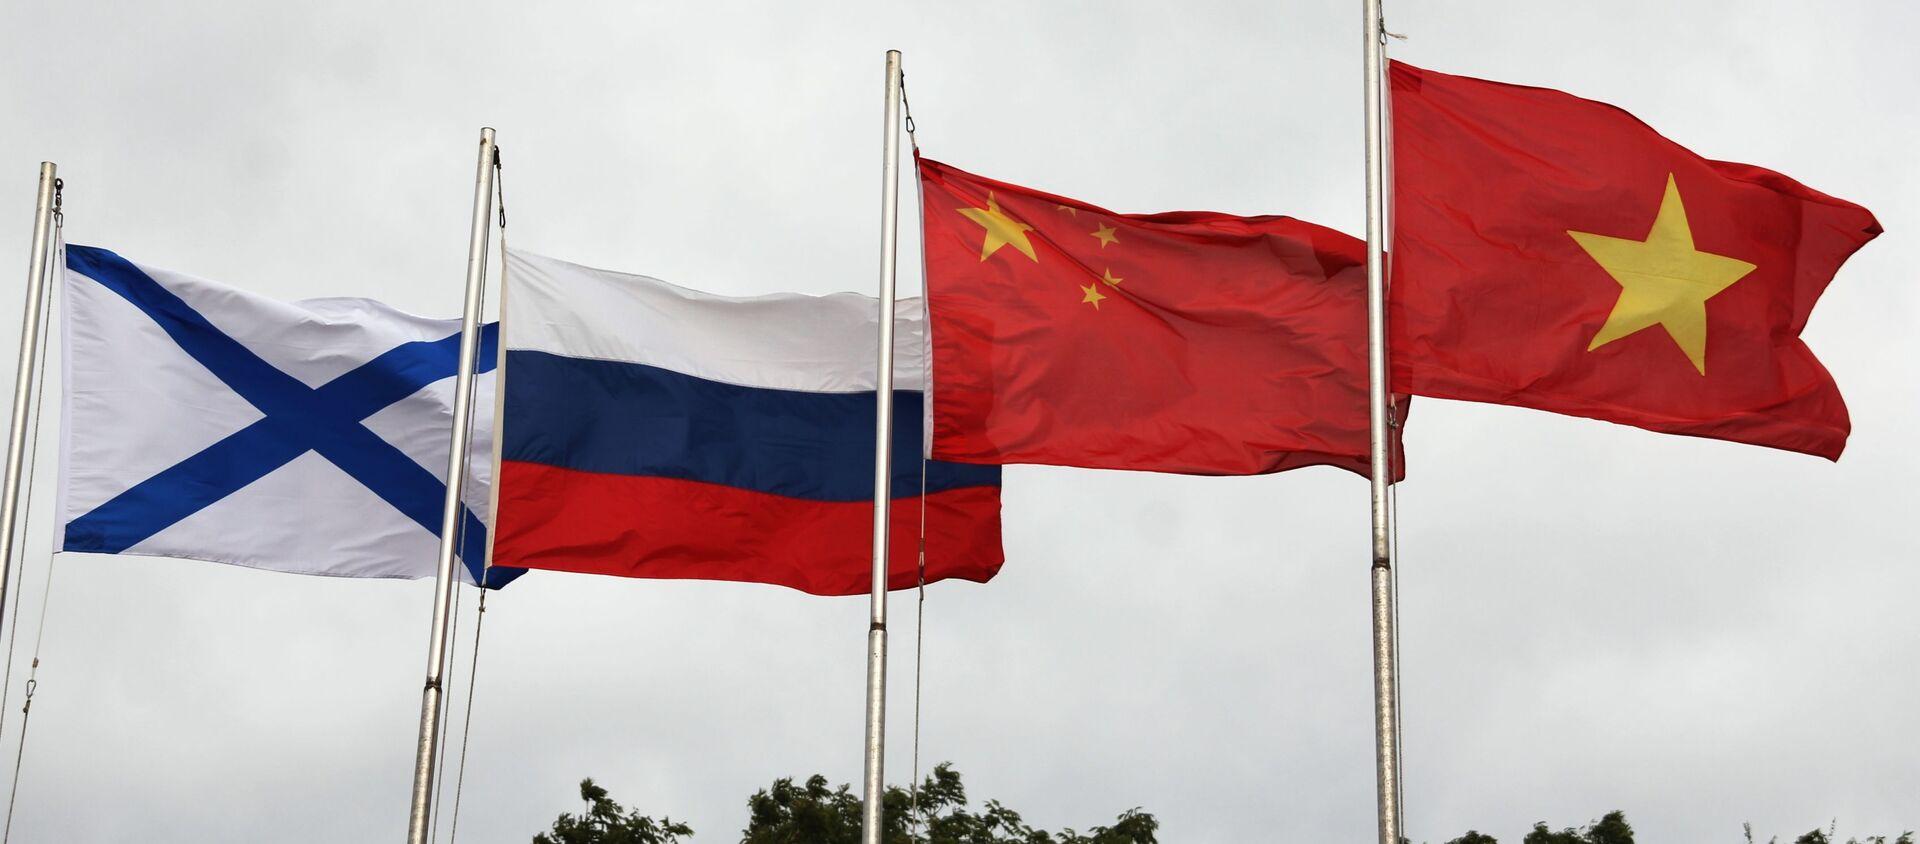 Lá cờ Andreevsky và các quốc kỳ Nga, Trung Quốc và Việt Nam (từ trái sang phải) trong lễ khai mạc Hội thao quân sự quốc tế Army Games 2021 tại Vladivostok - Sputnik Việt Nam, 1920, 26.08.2021